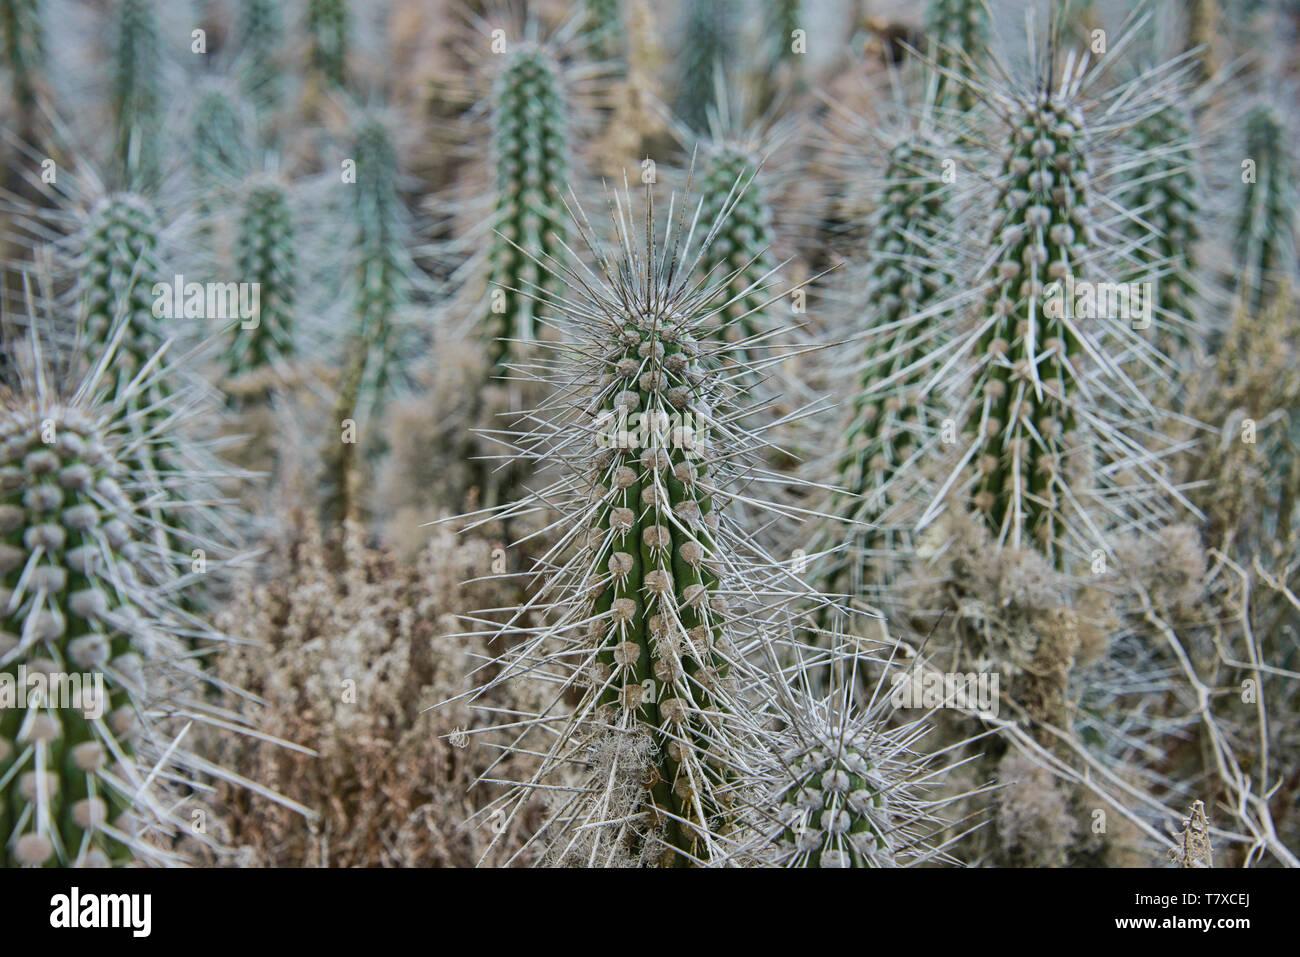 Cactus arborescentes (Eulychnia acida) creciendo en Isla Damas, Reserva Pingüino de Humboldt, Punta Choros, Chile Foto de stock